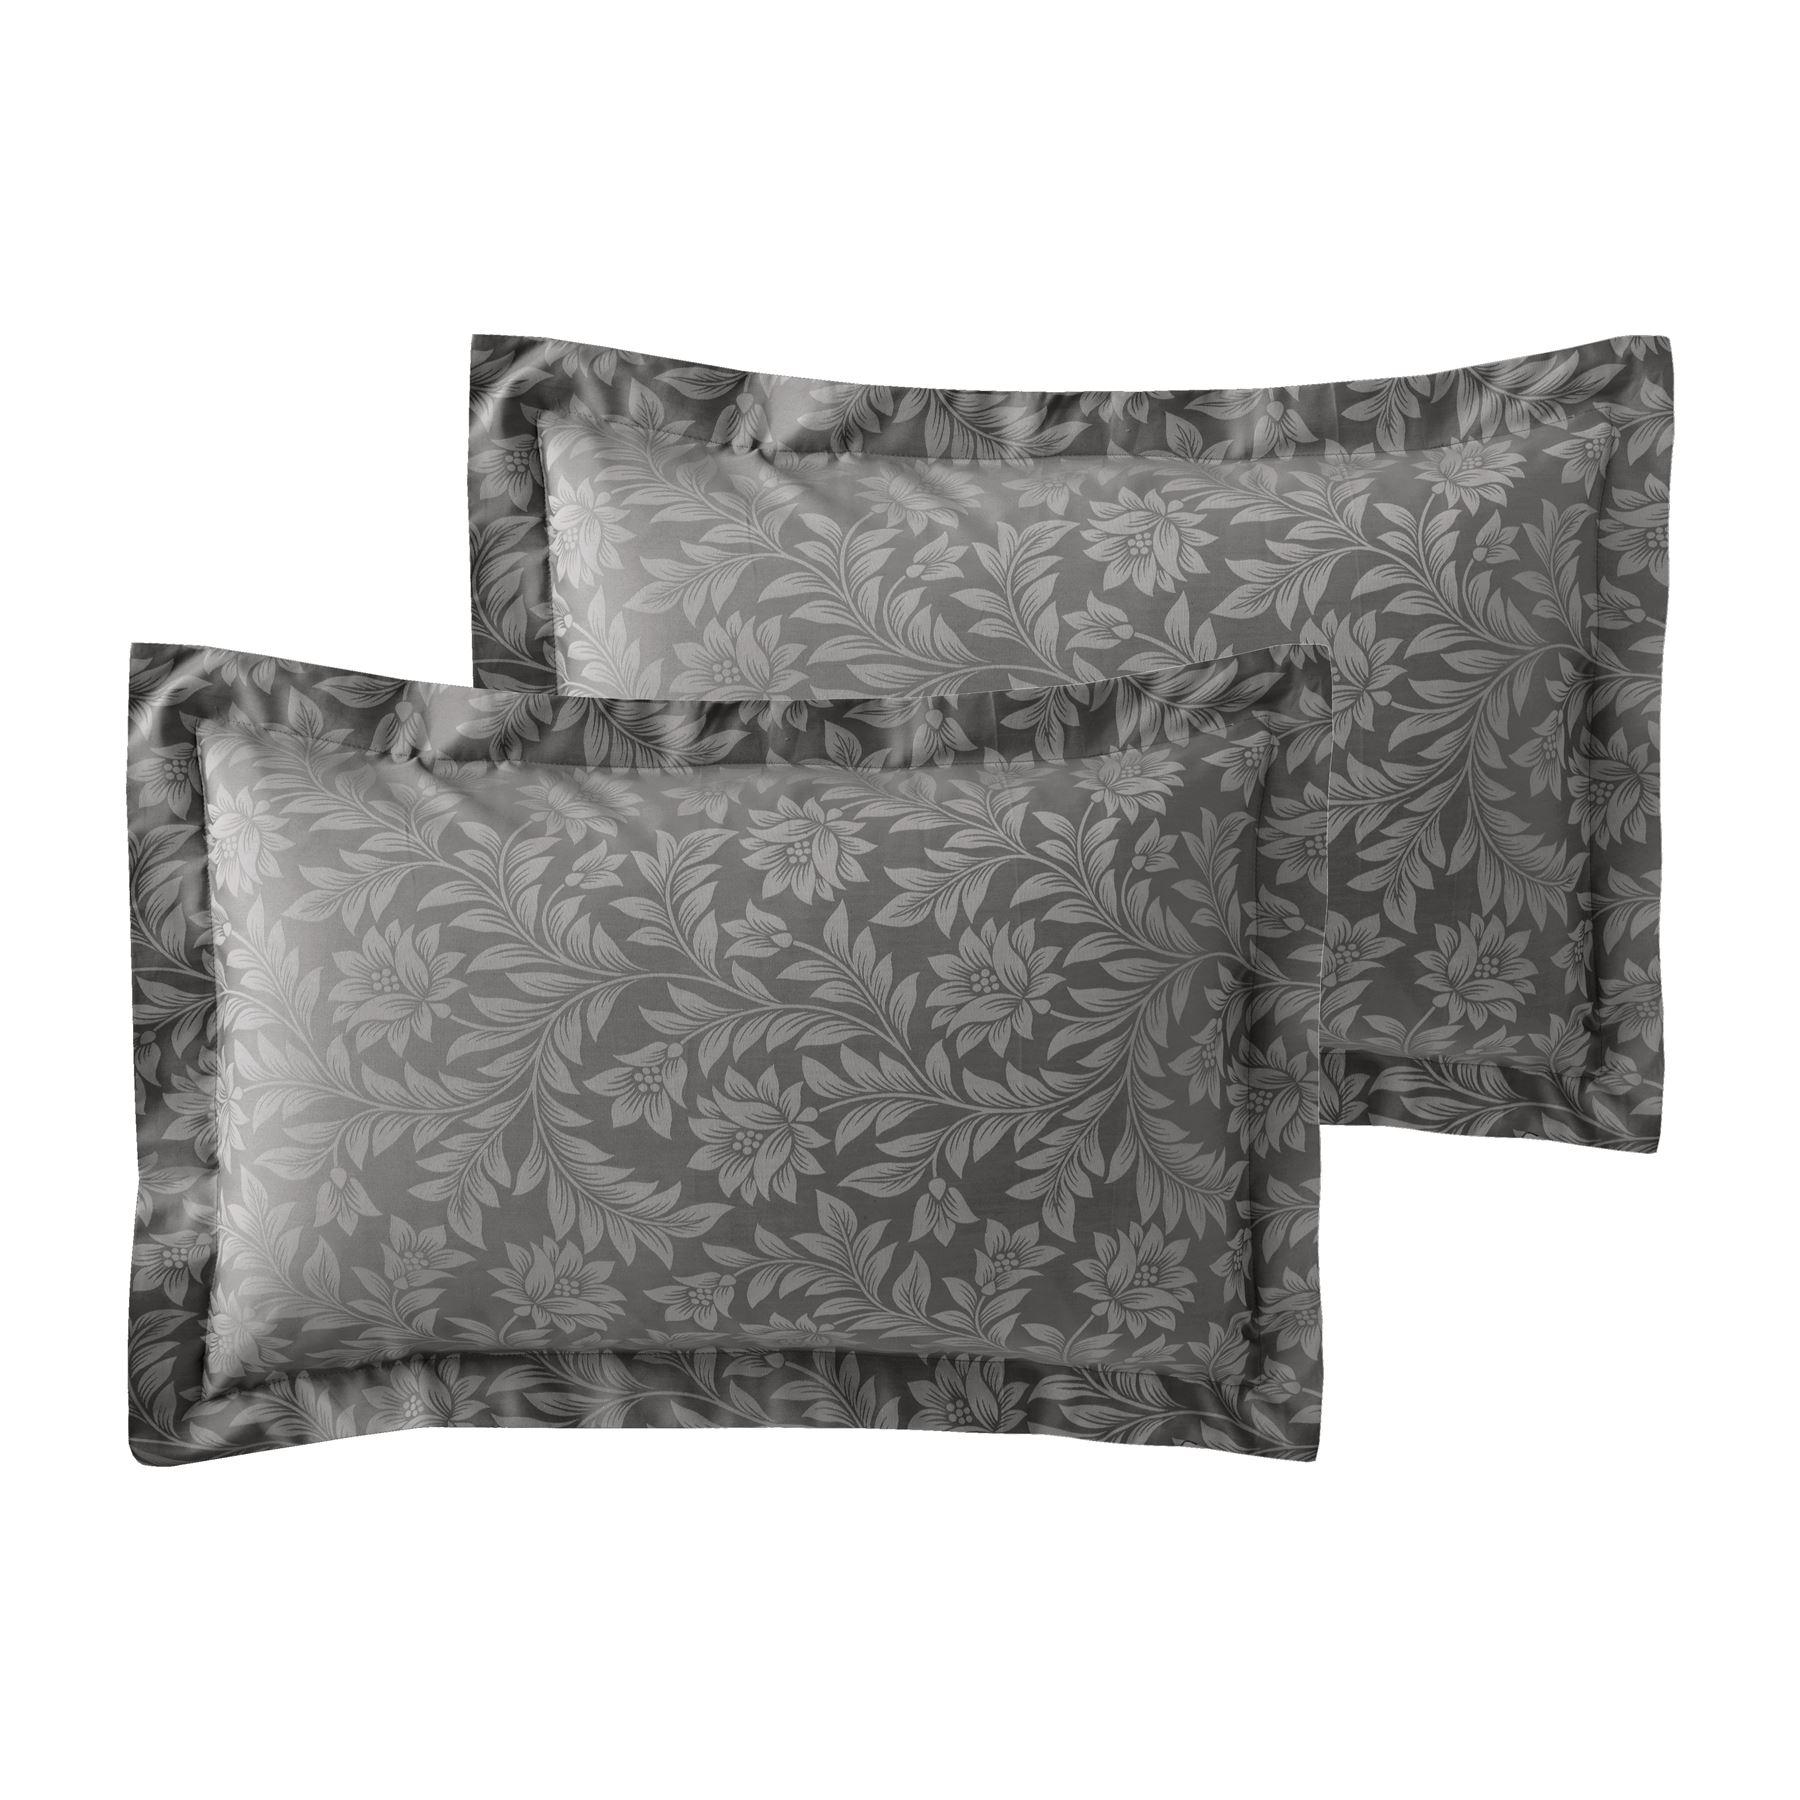 Jacquard-600-Hilos-De-Algodon-Rico-Floral-Duvet-Cover-Set-Fundas-de-almohada-Oxford miniatura 16